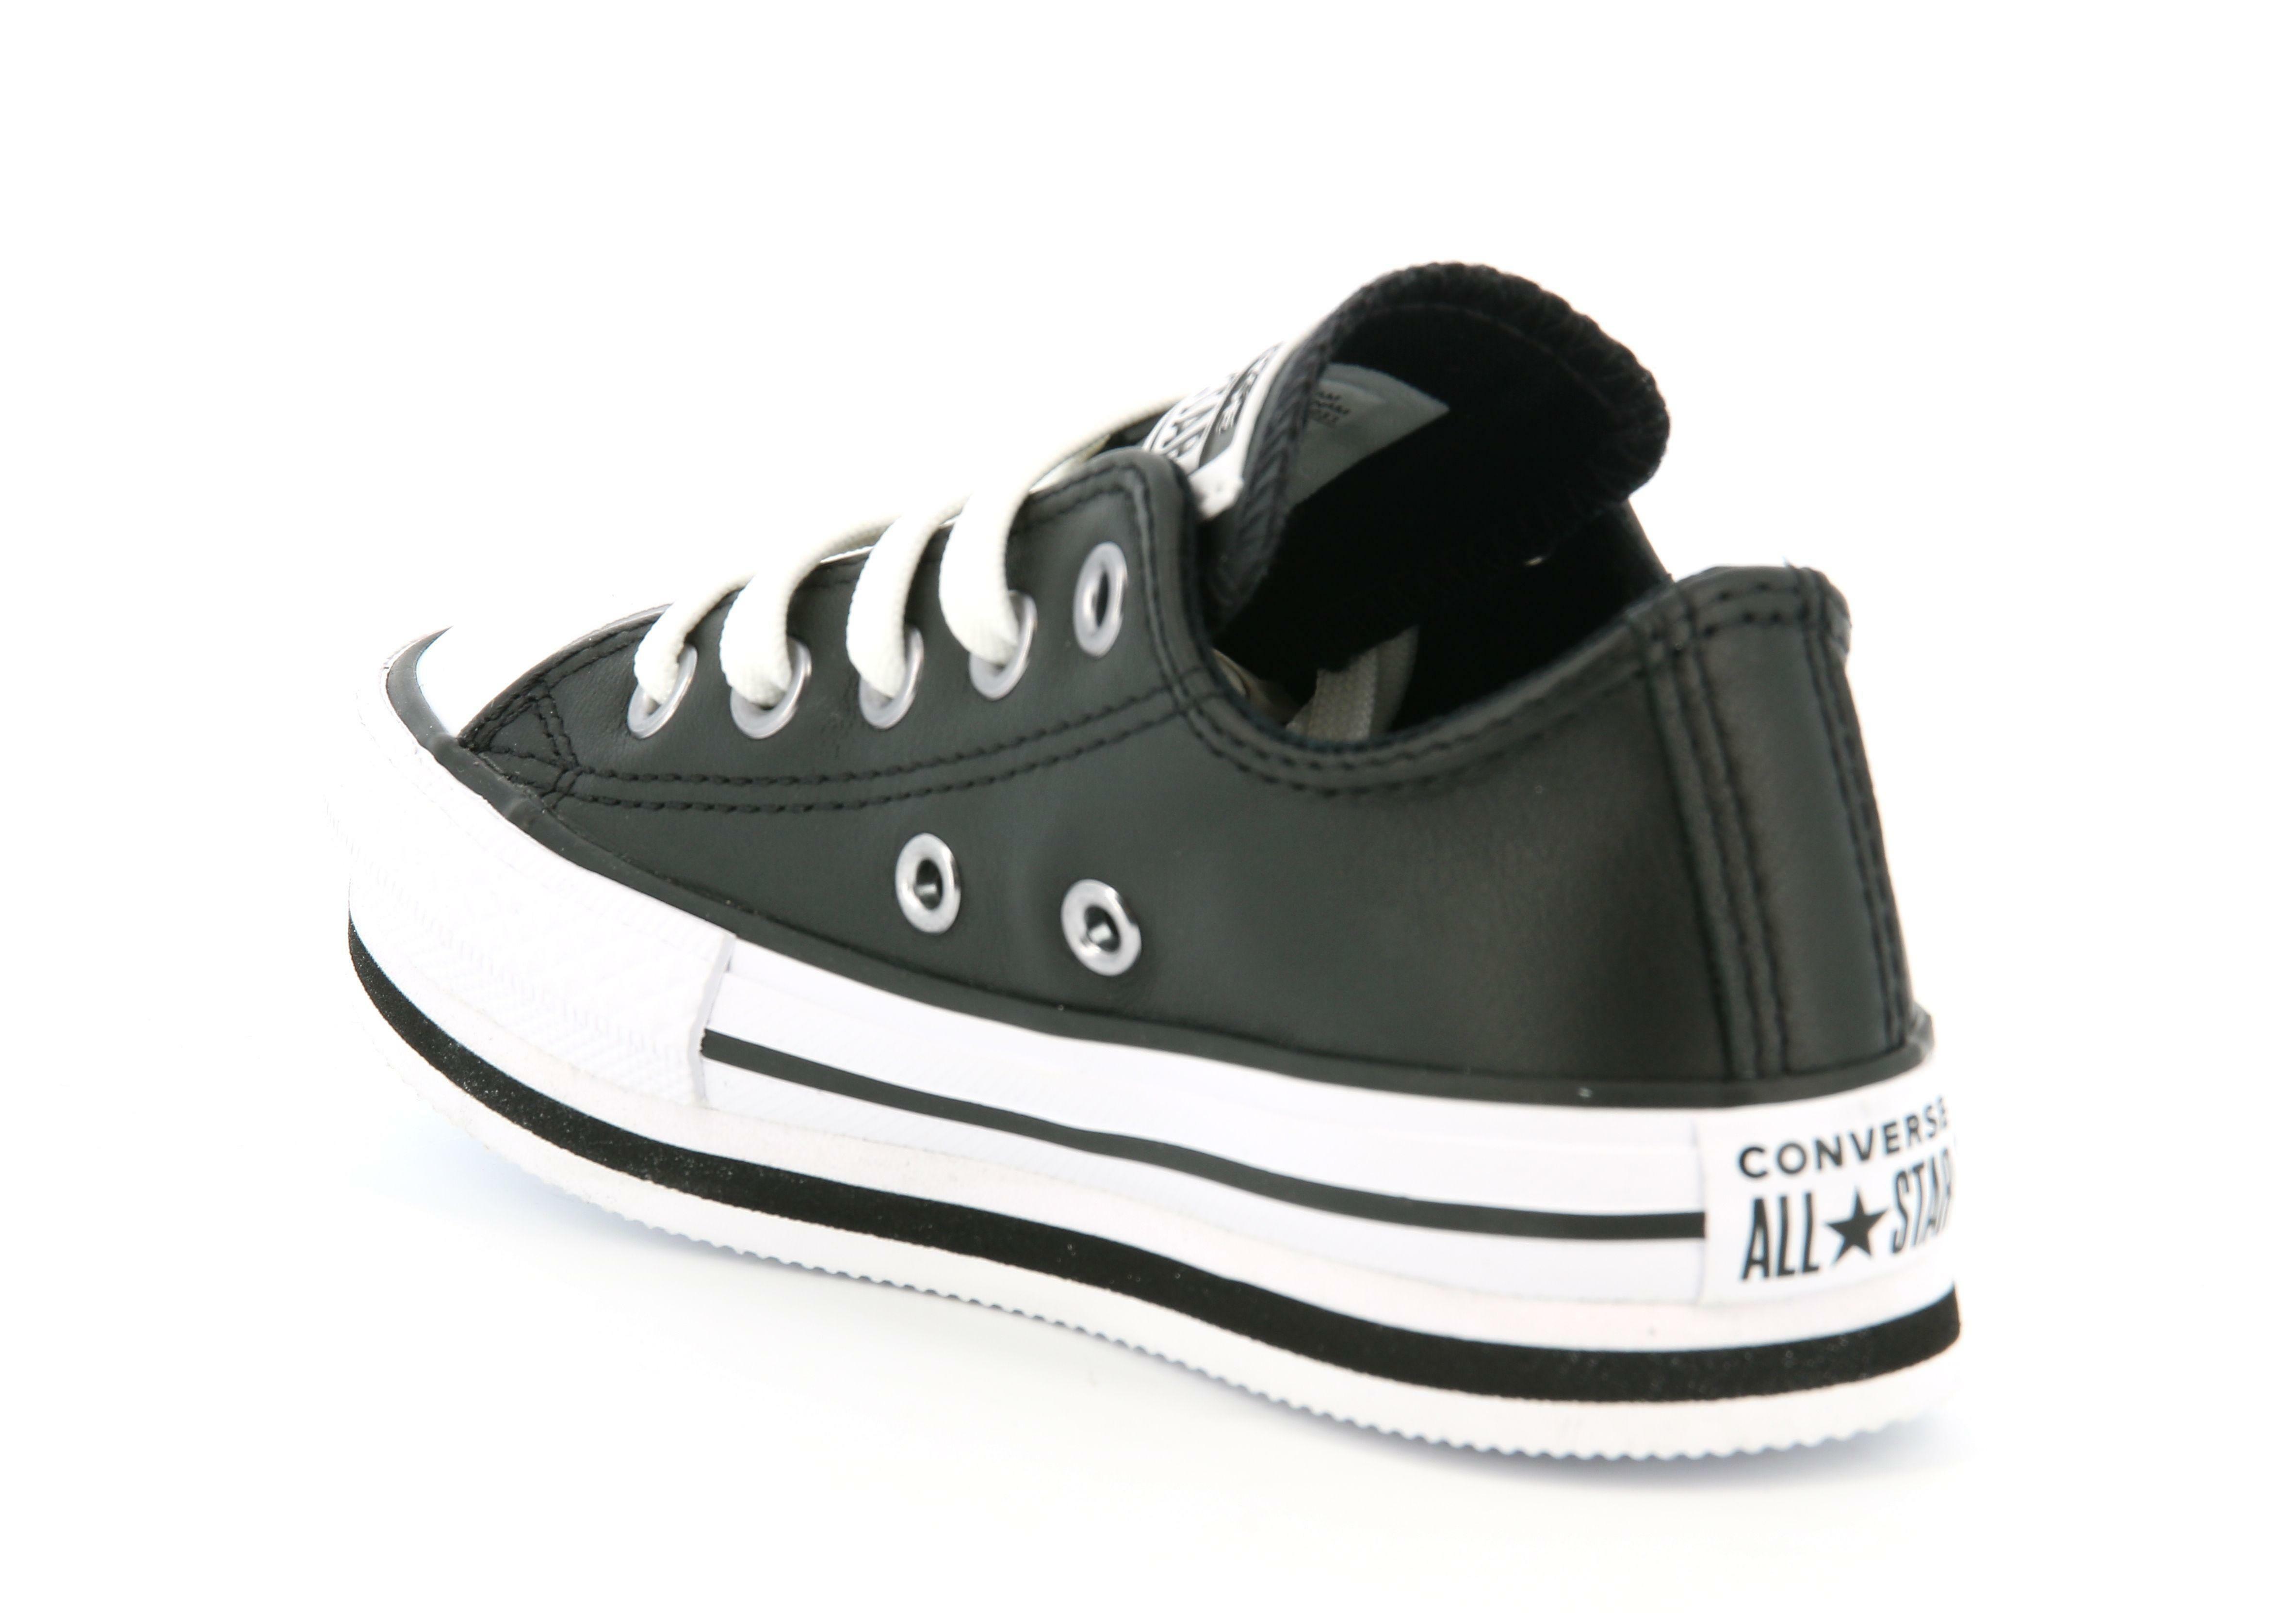 converse converse ctas eva lift ox 669710c sneakers da bambina nero